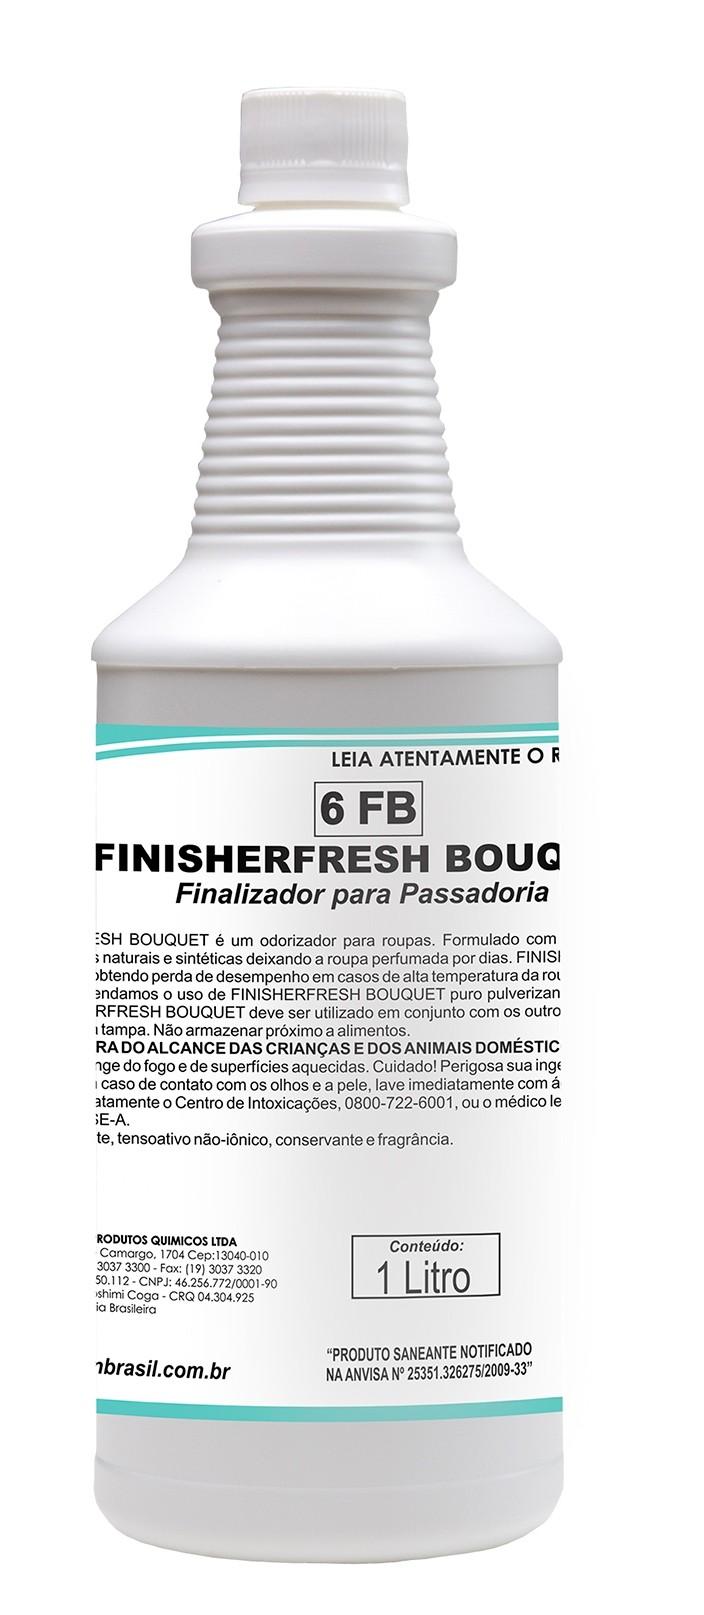 FINISHERFRESH - FINALIZADOR DE PASSADORIA - 1 Litro - SPARTAN